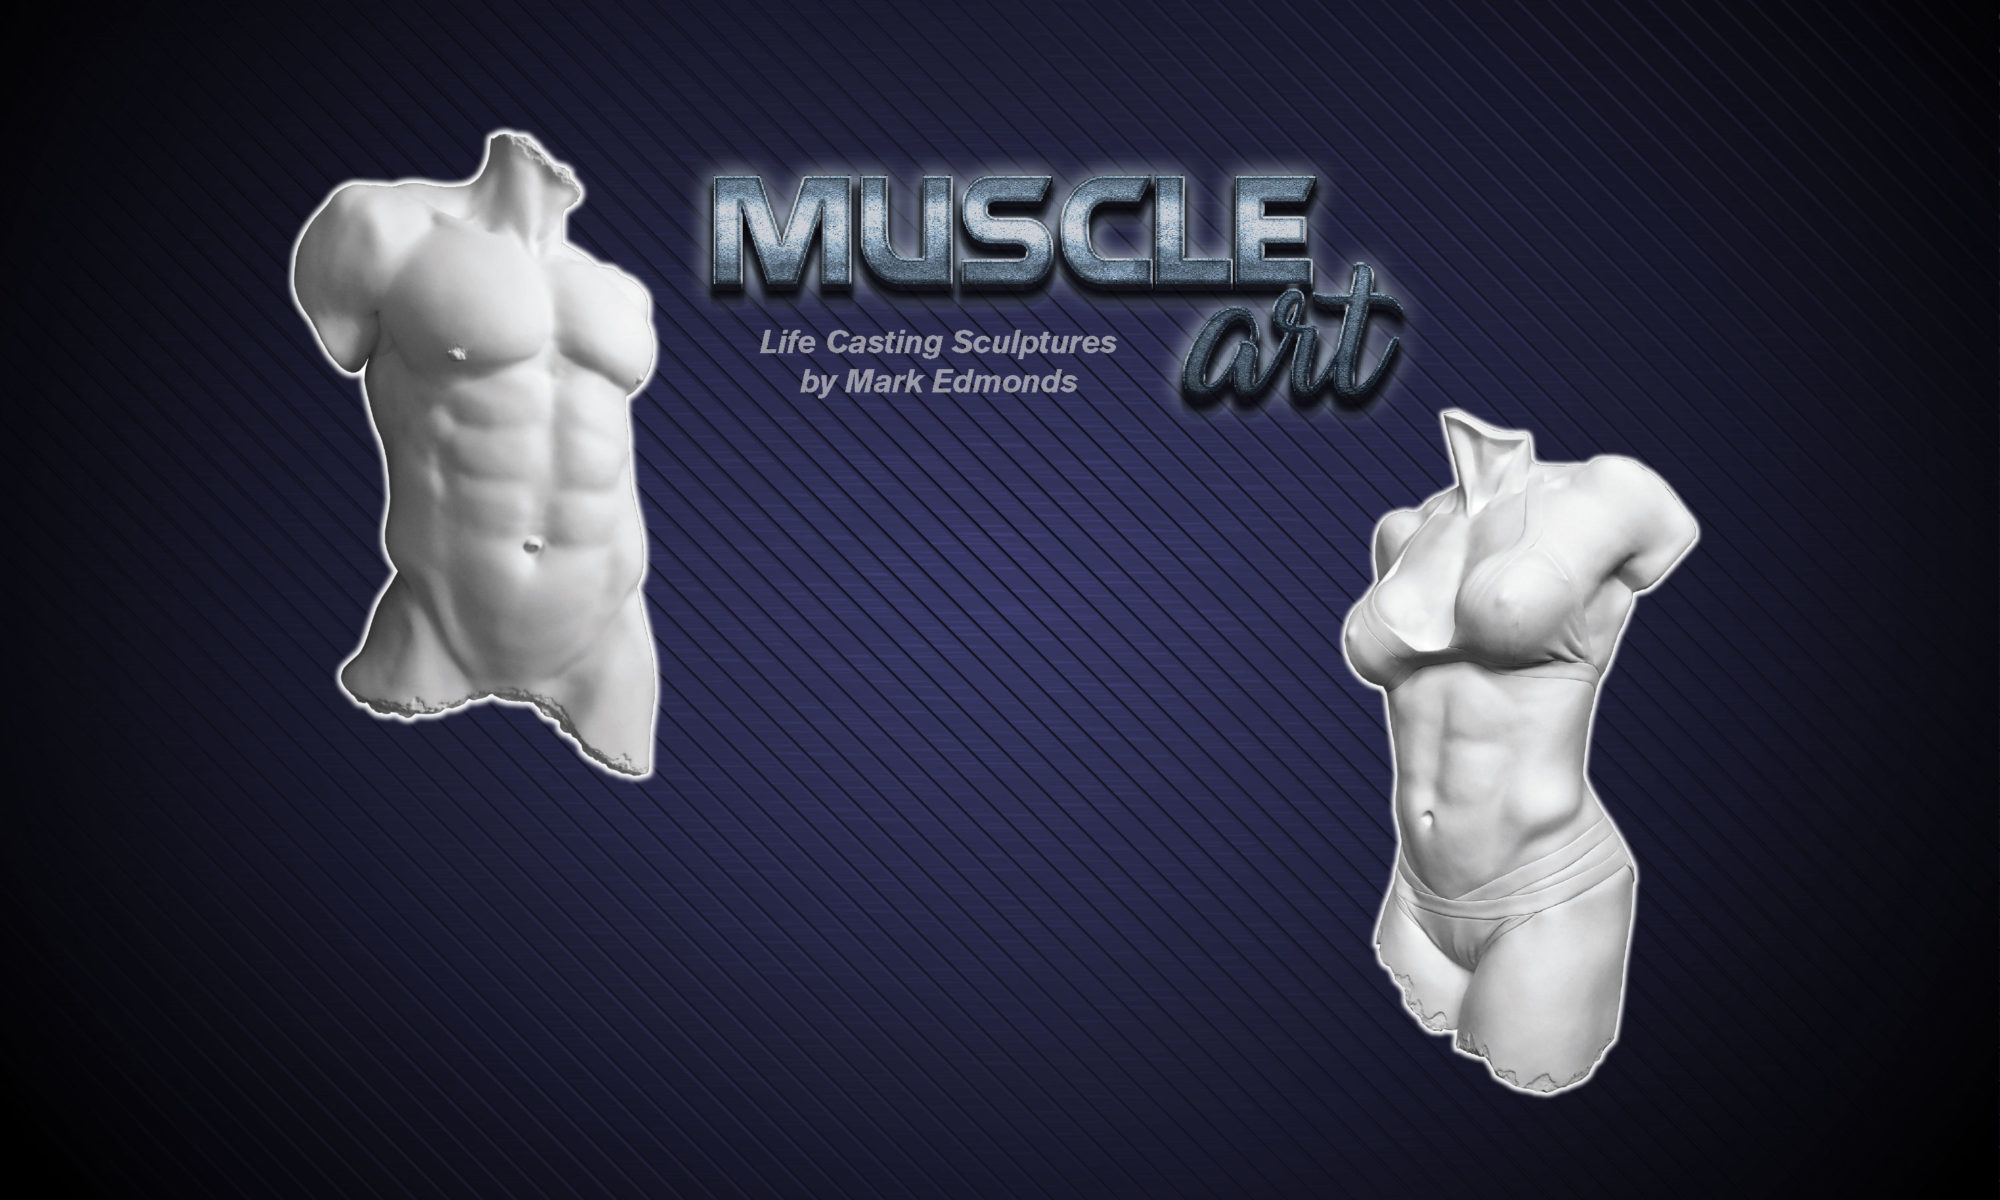 MuscleArt